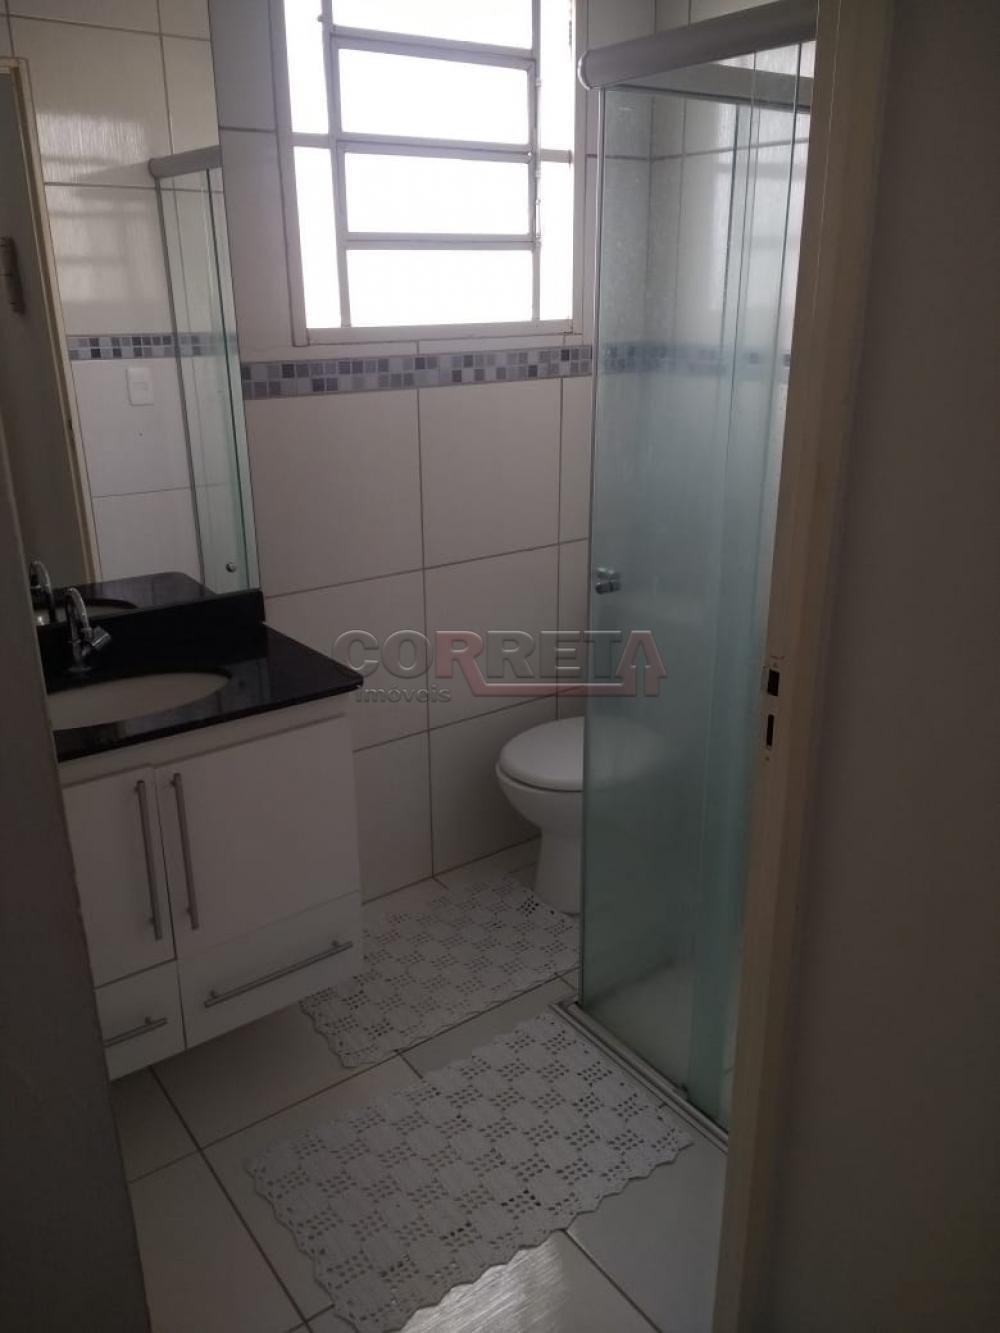 Comprar Apartamento / Padrão em Araçatuba R$ 130.000,00 - Foto 15